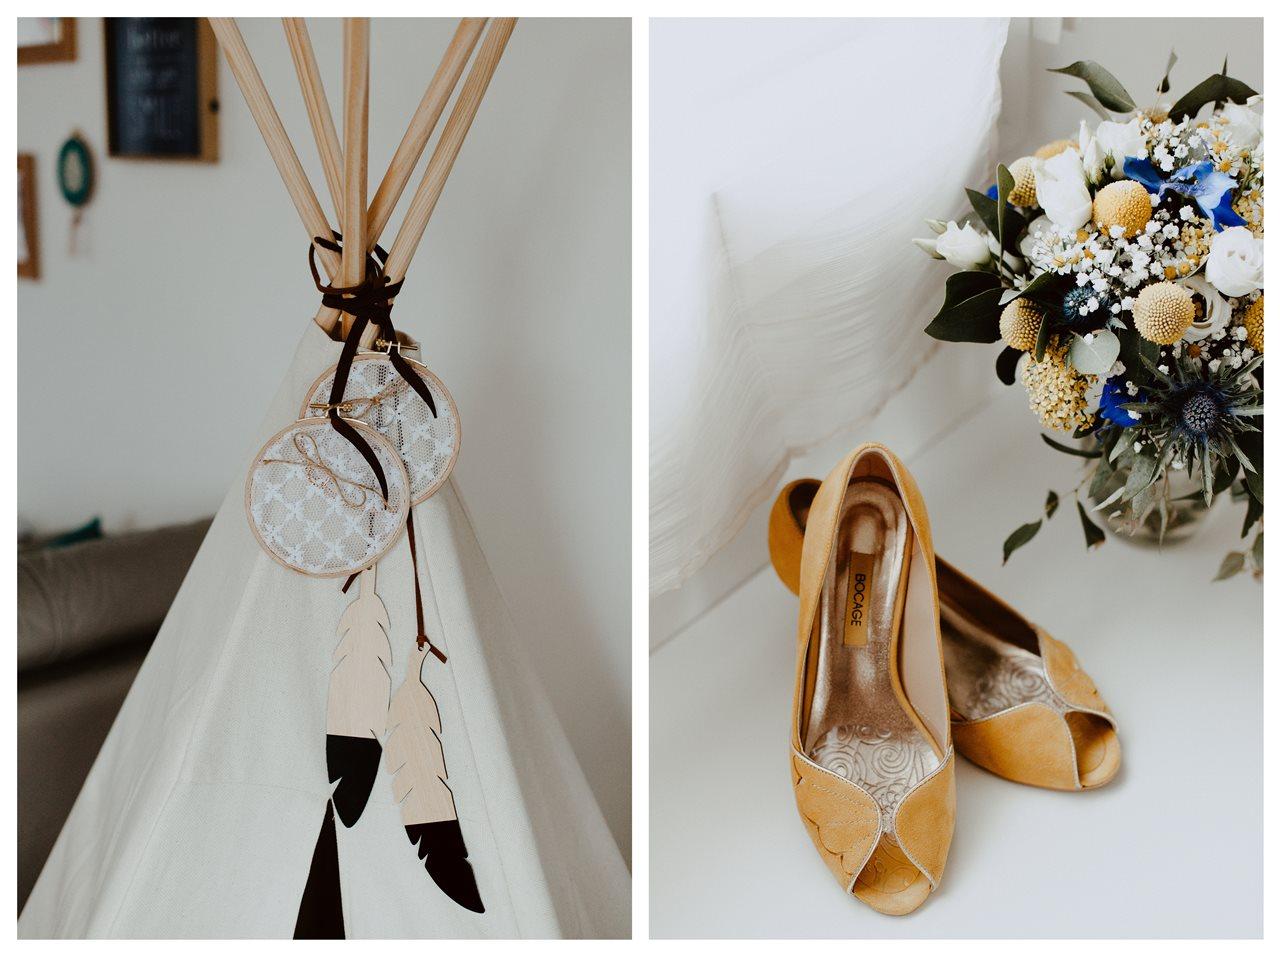 Mariage bohème nantes mariés détails alliances chaussure et bouquet mariée